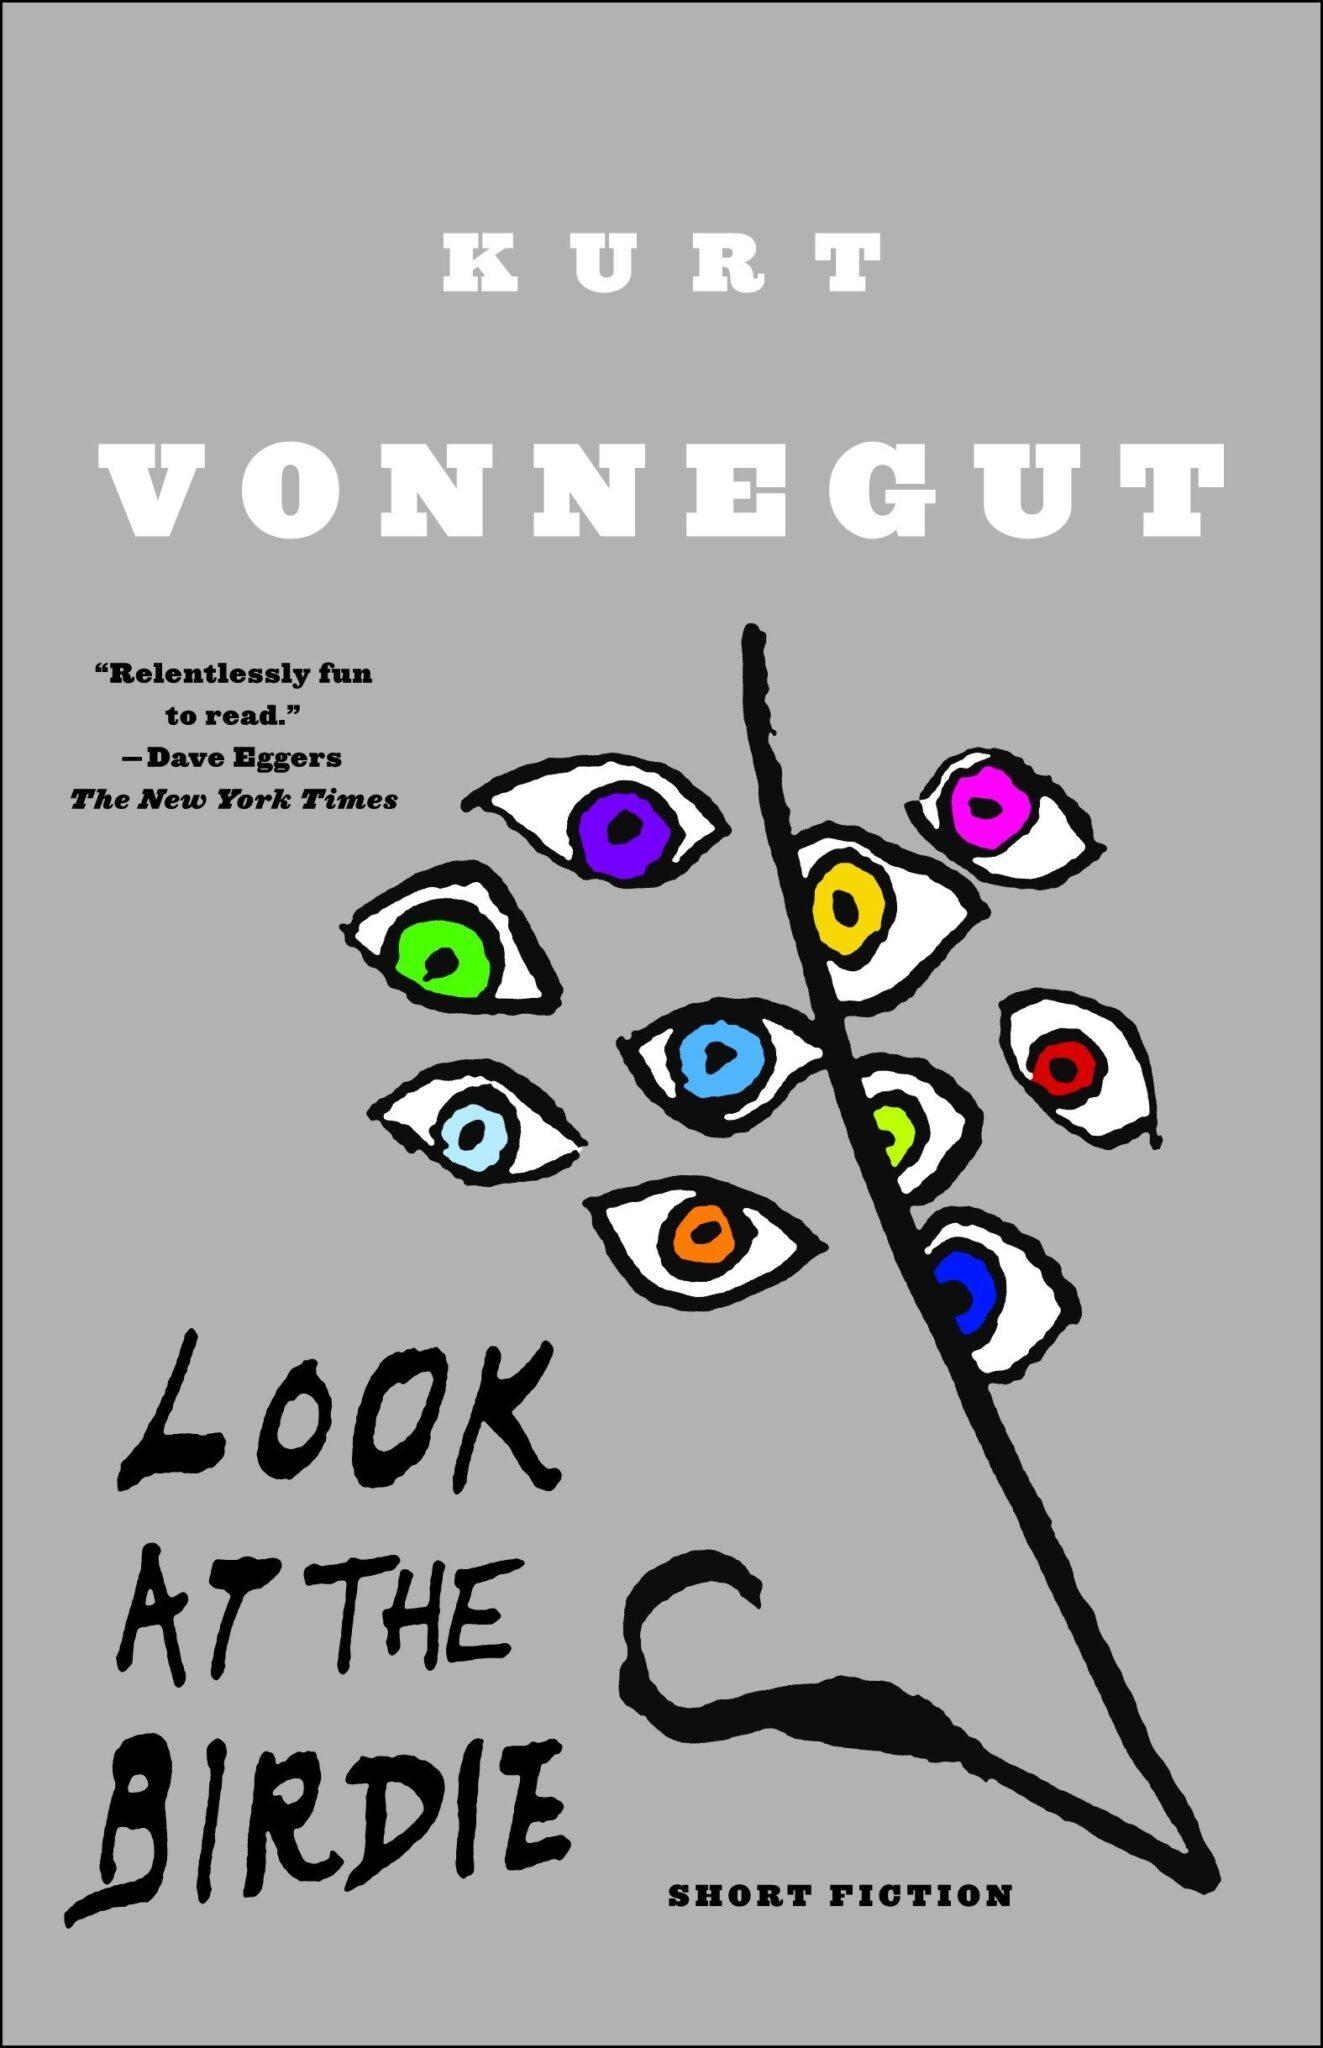 Vonnegut-35-scaled